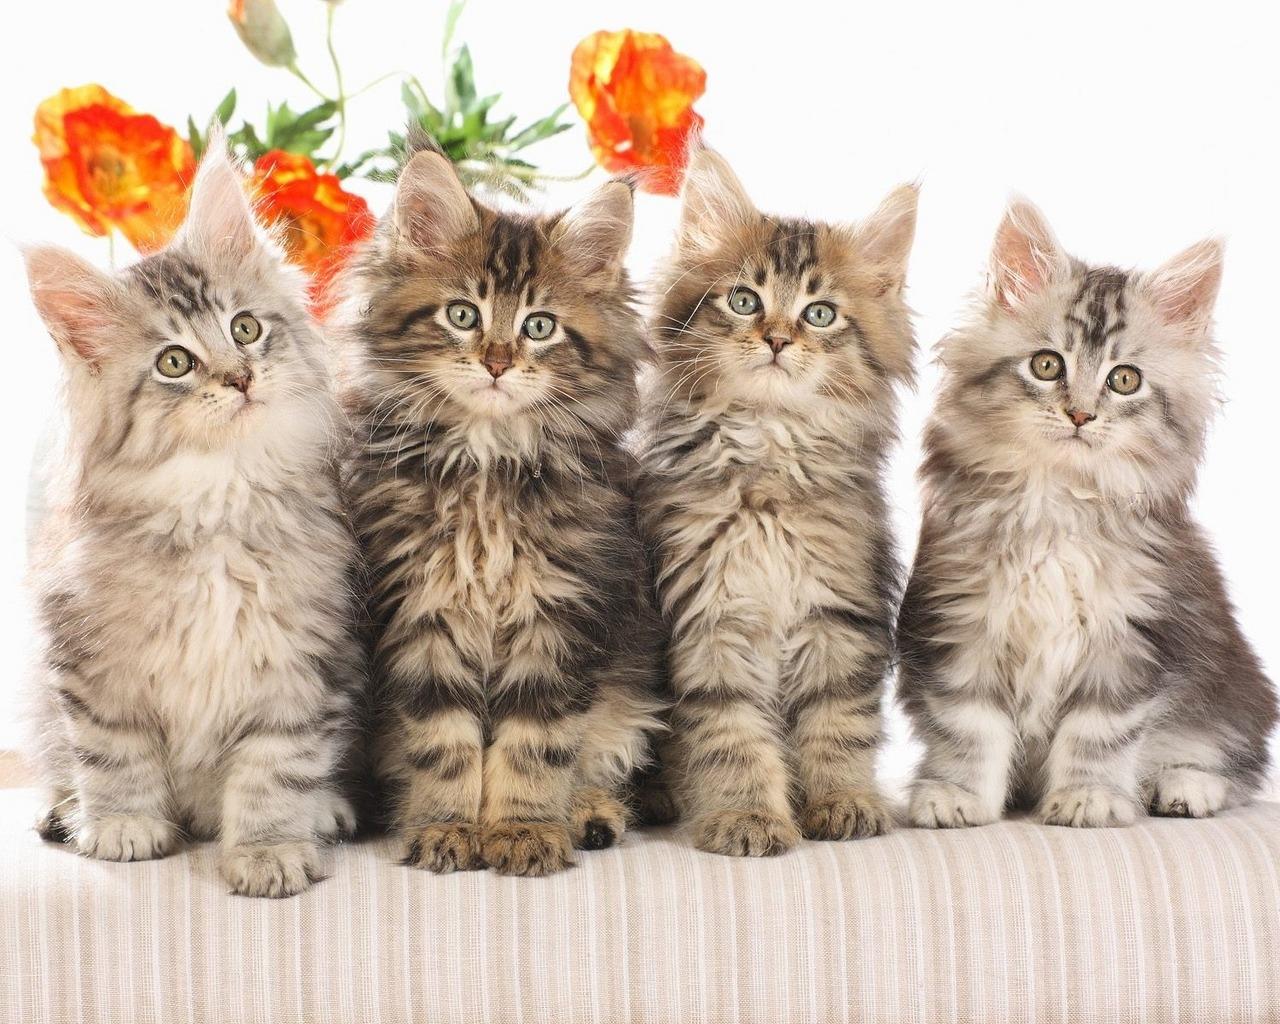 Cat Desktop Background - WallpaperSafari